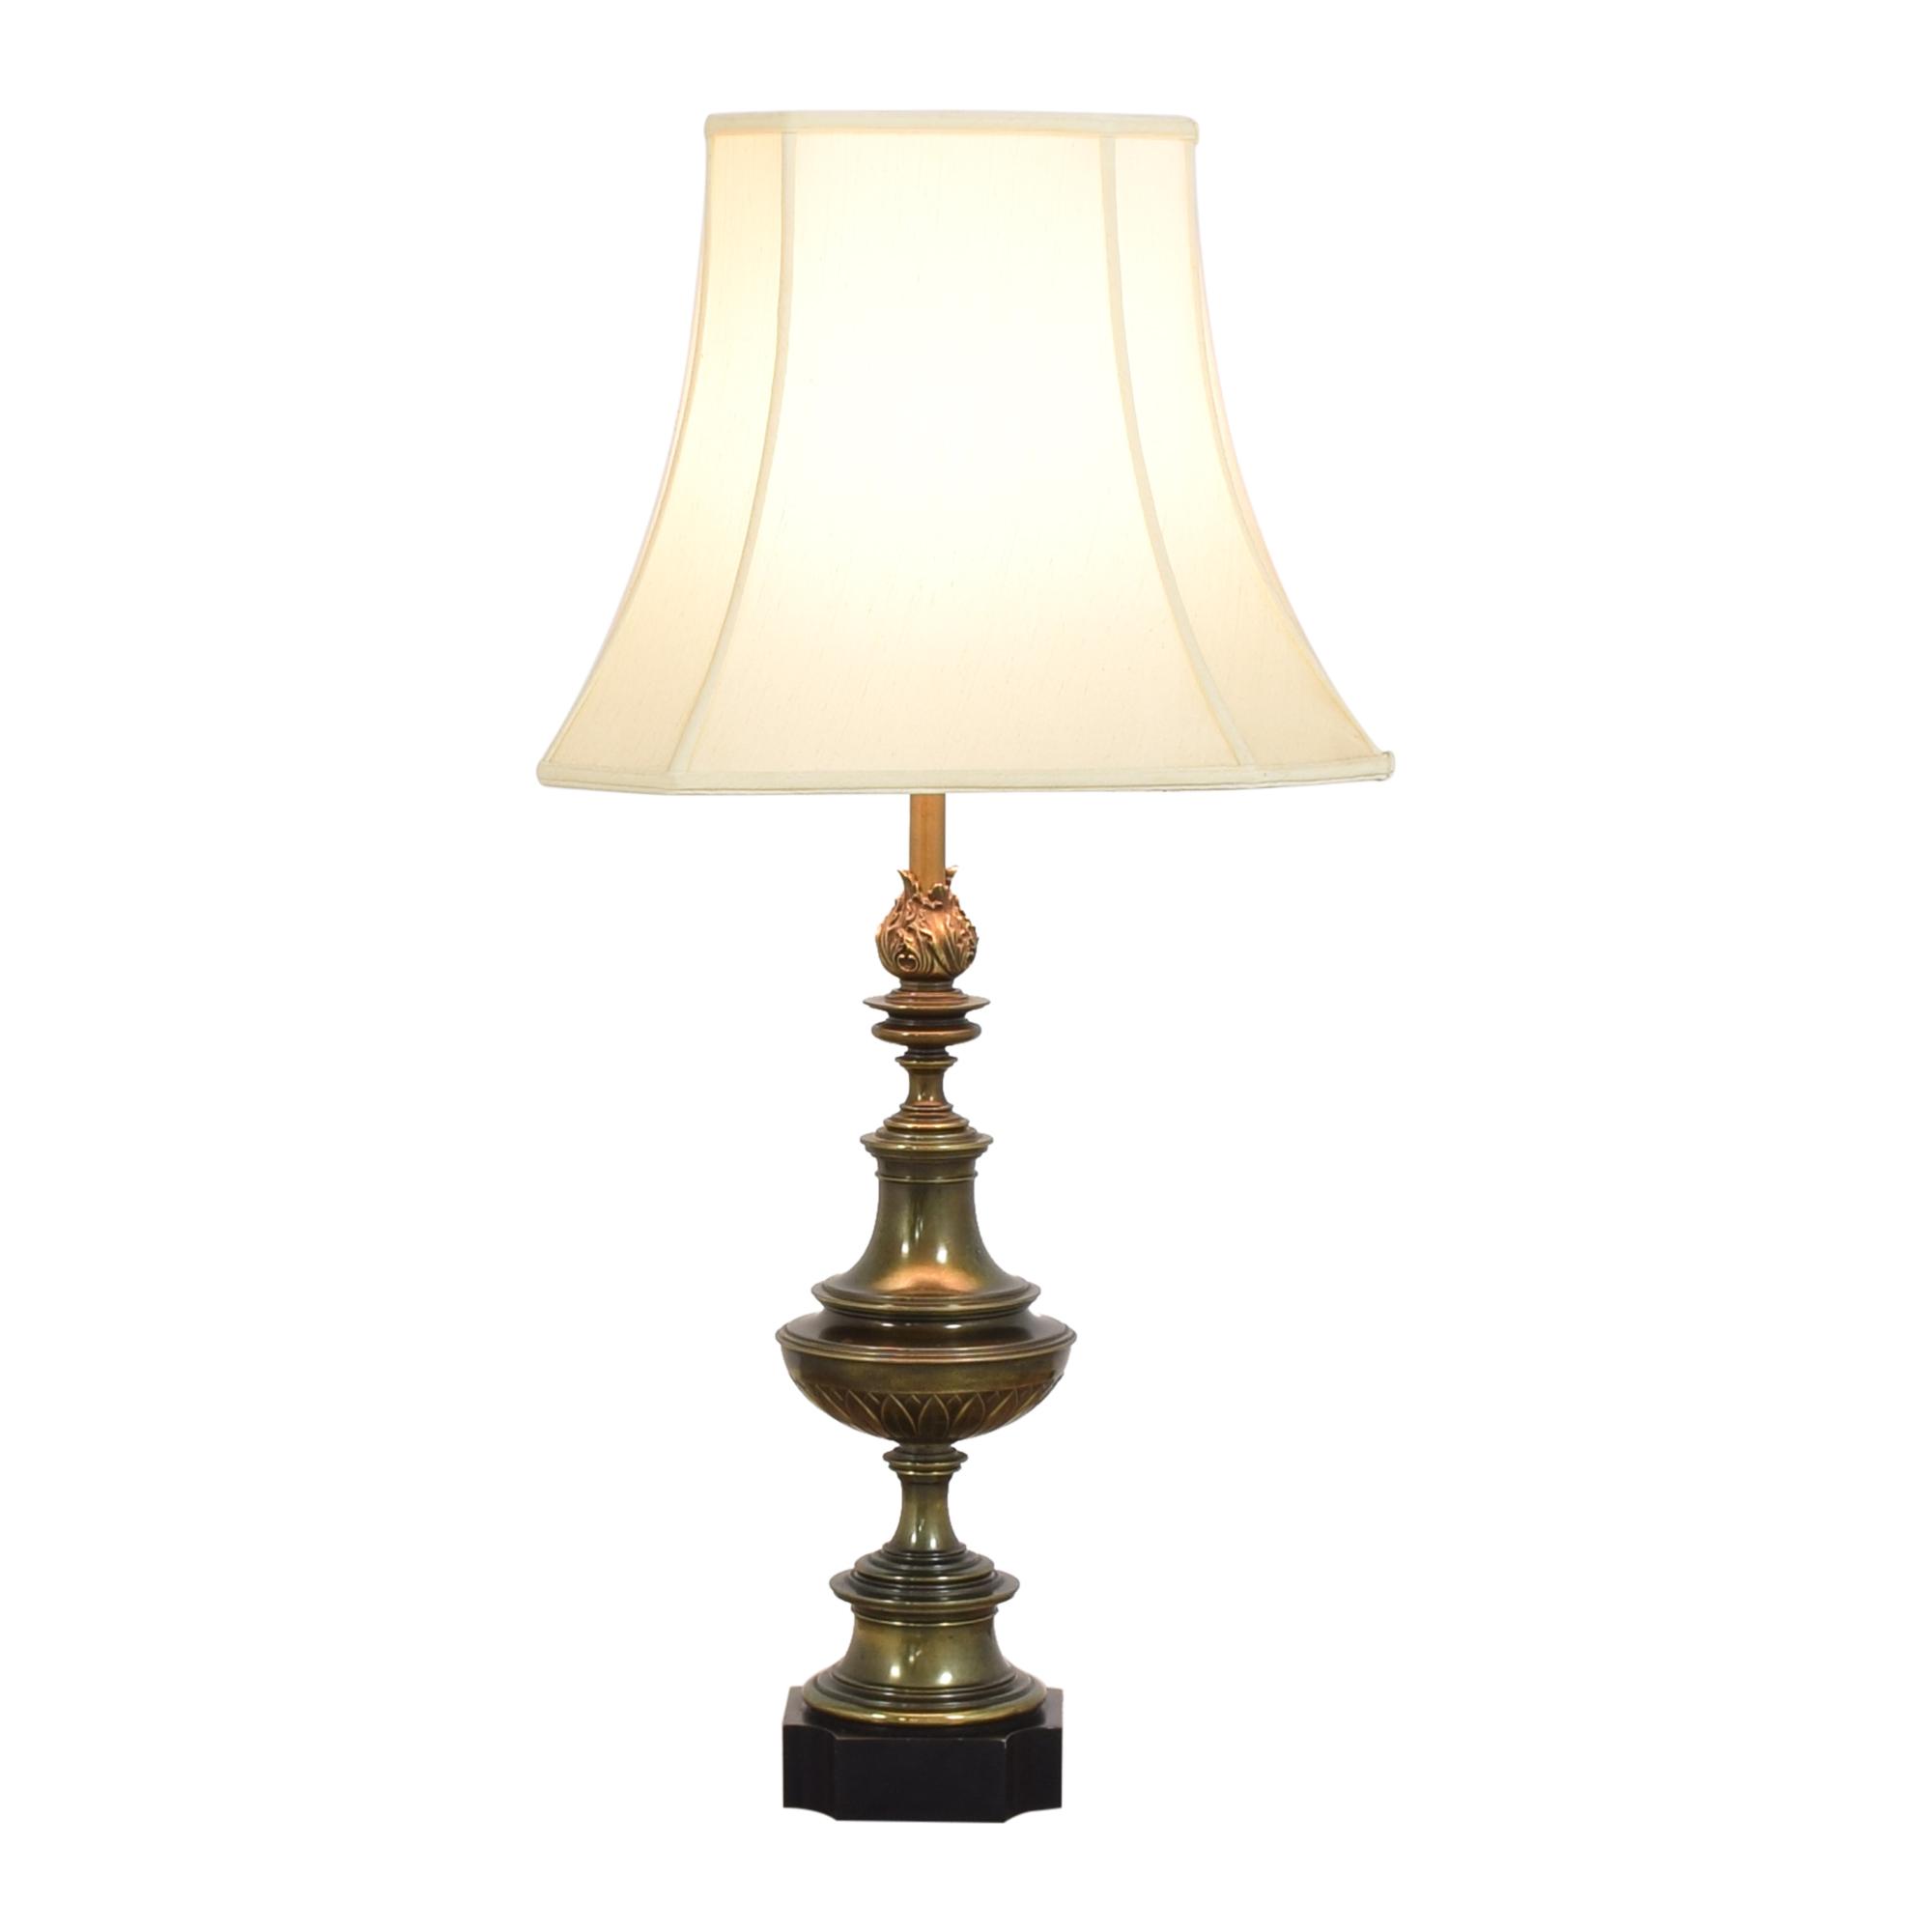 Stiffel Stiffel Mid Century Vintage Table Lamp used